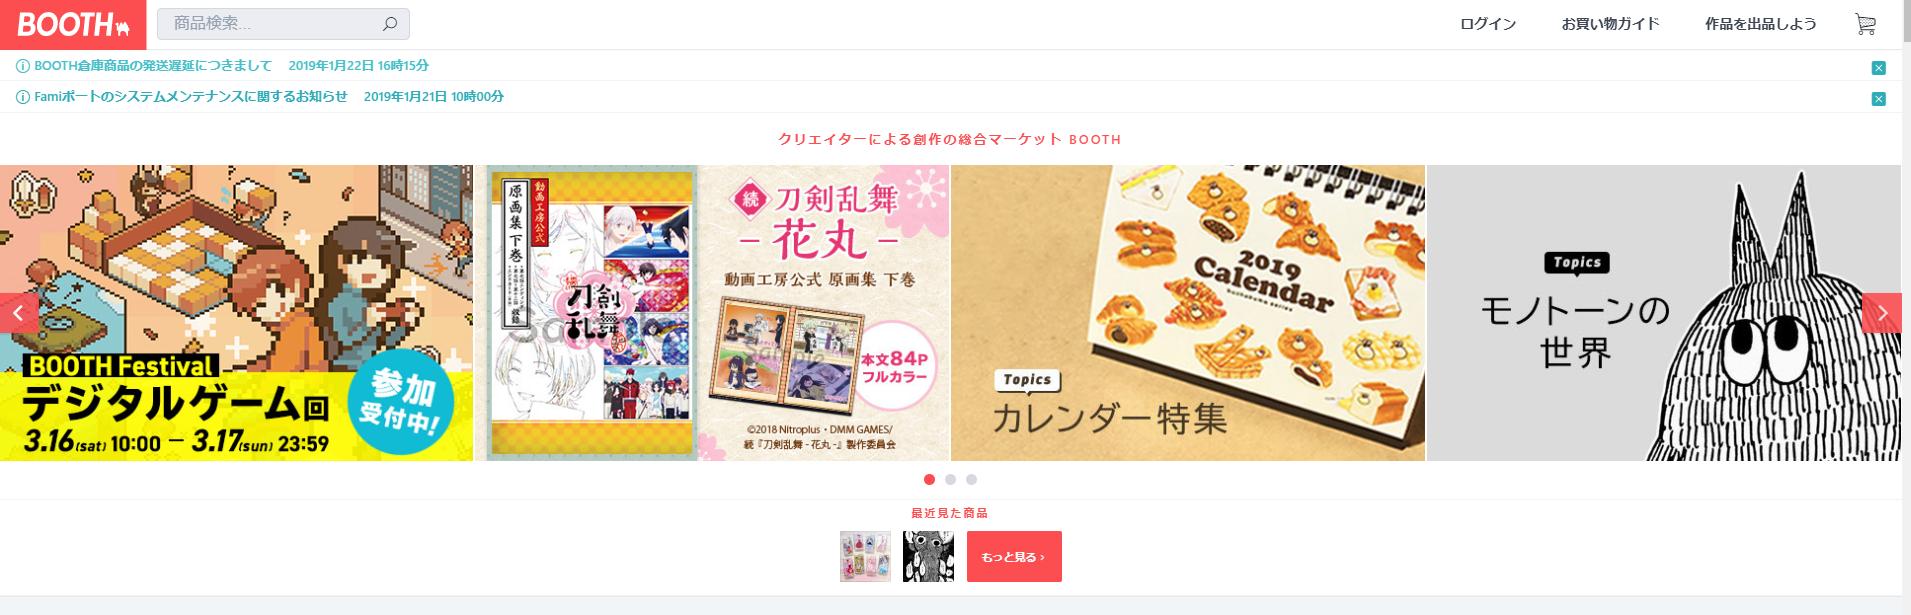 купить аниме товары из Японии - Бус - ZenMarket